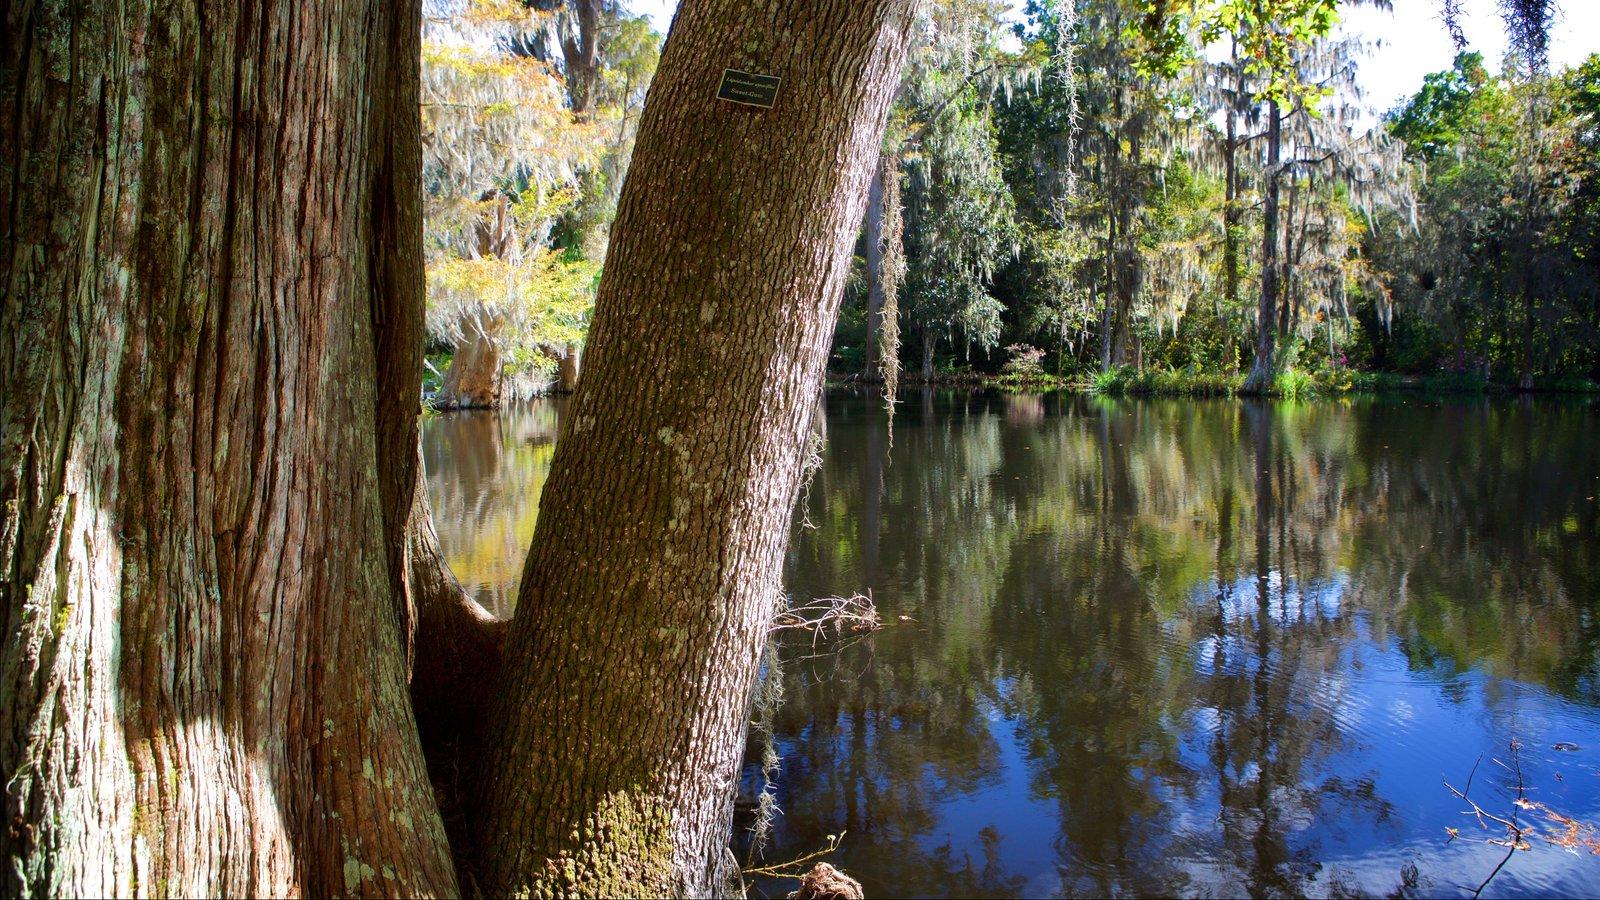 Magnolia Plantation and Gardens mostrando um rio ou córrego